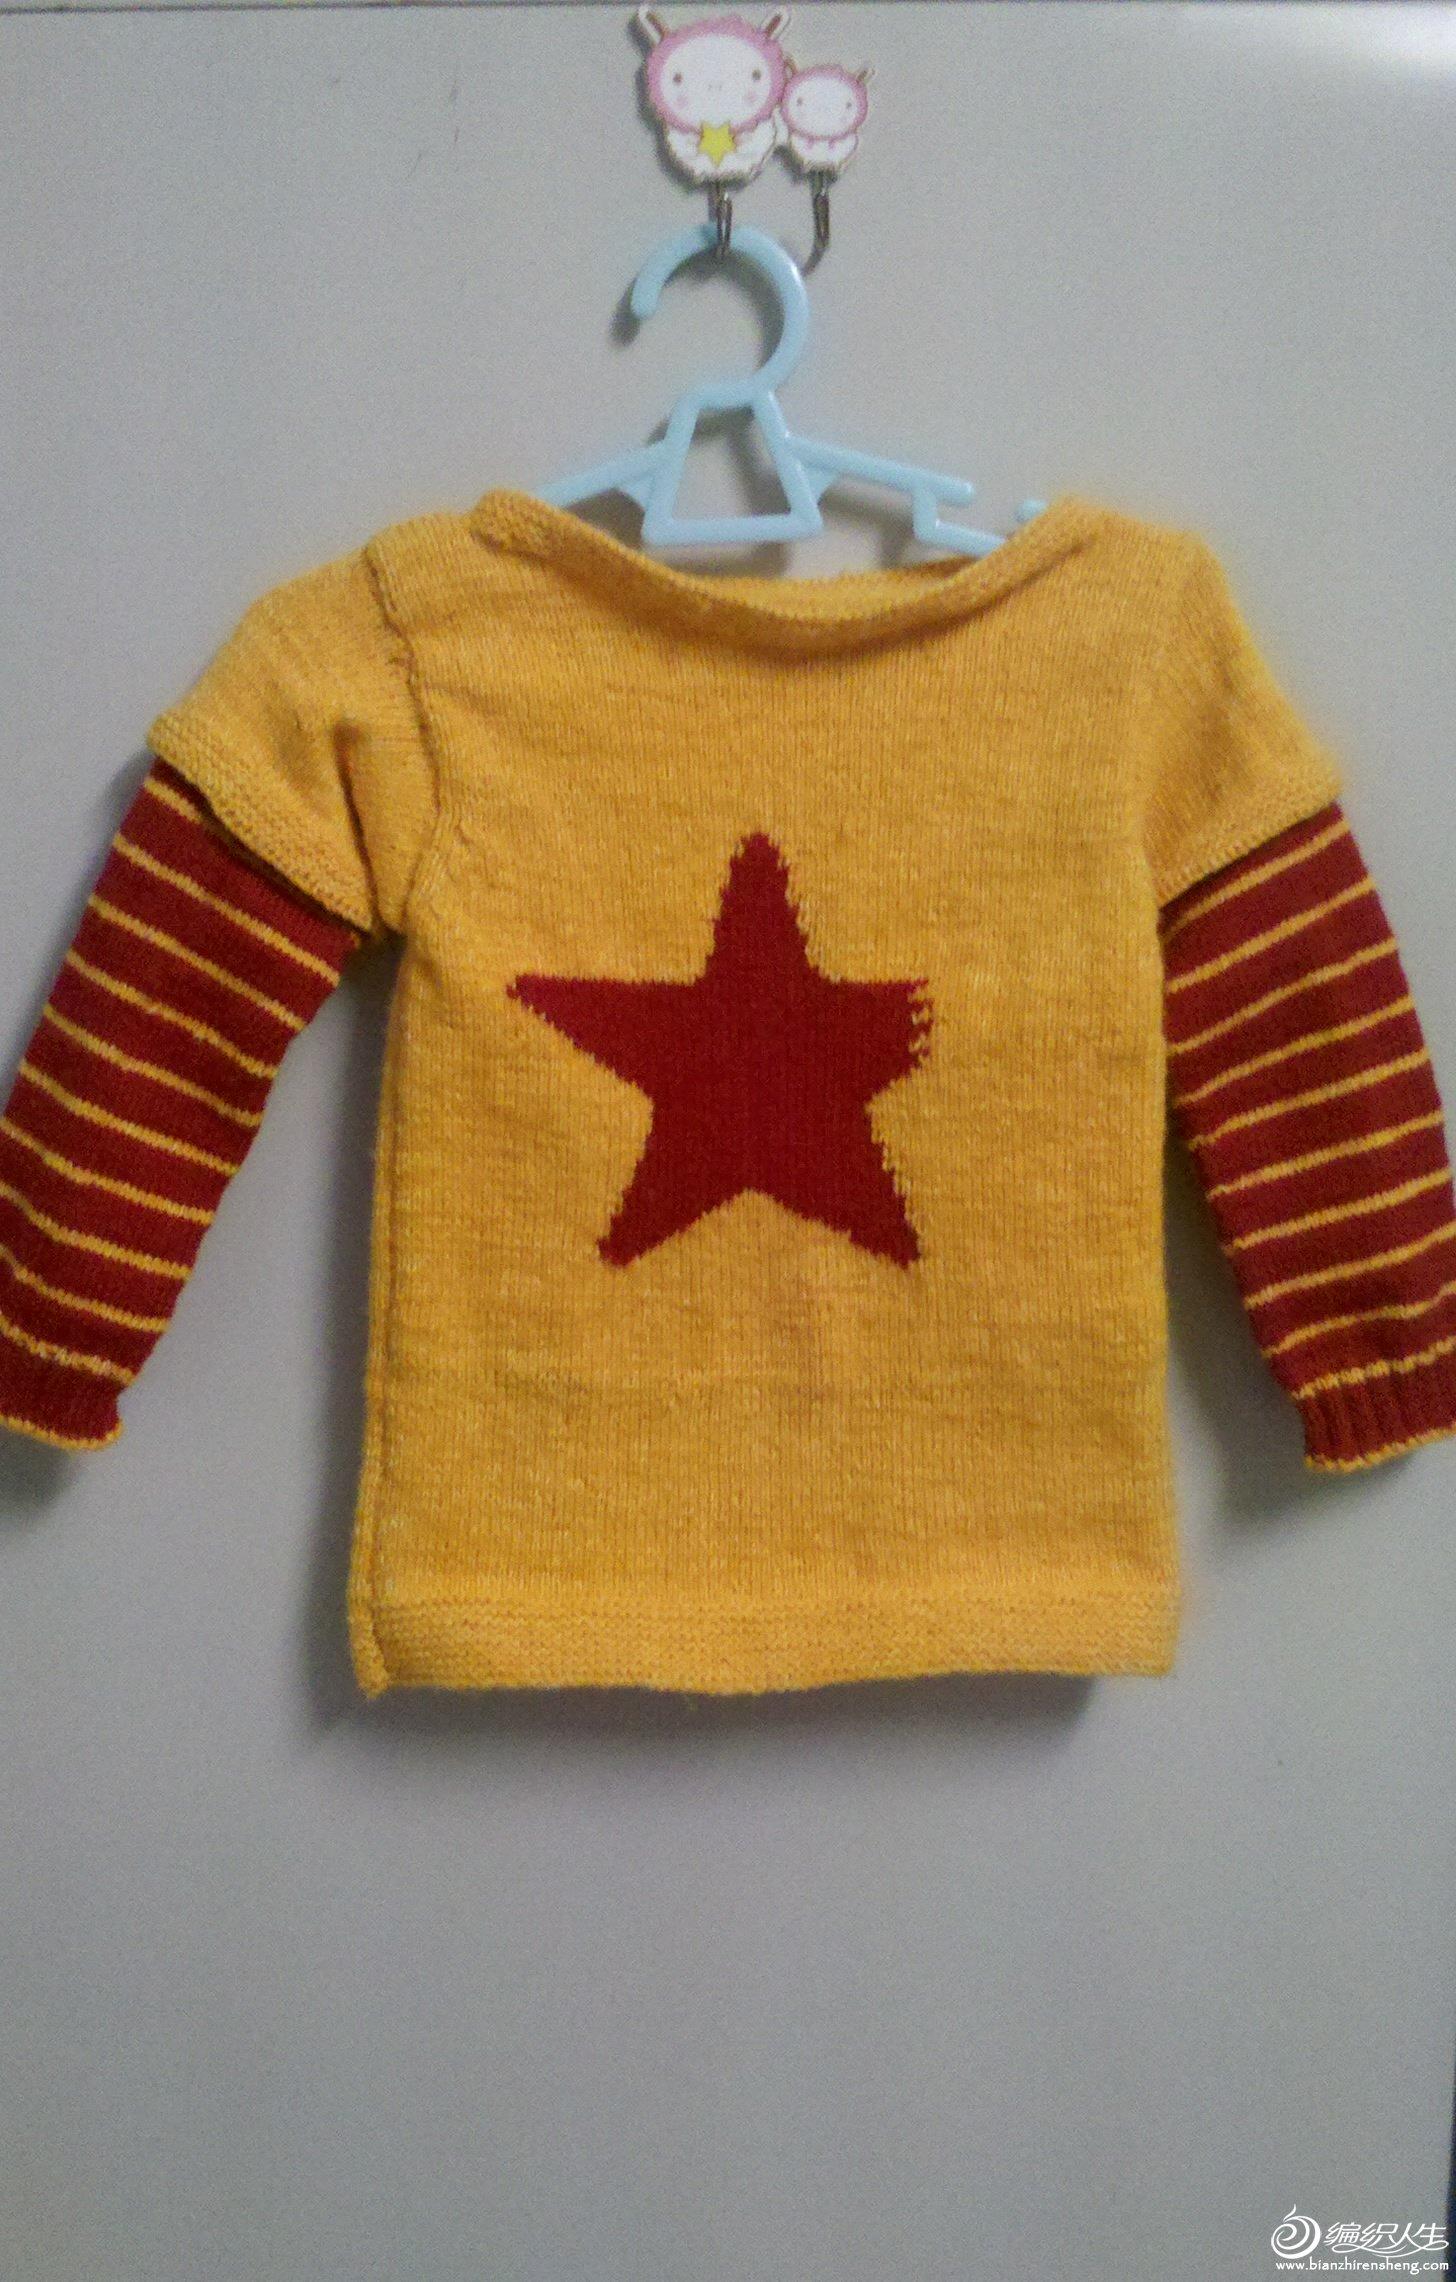 第二件小毛衣,黄色钱不够用了,所以织了一个假两件的感觉,呵呵。